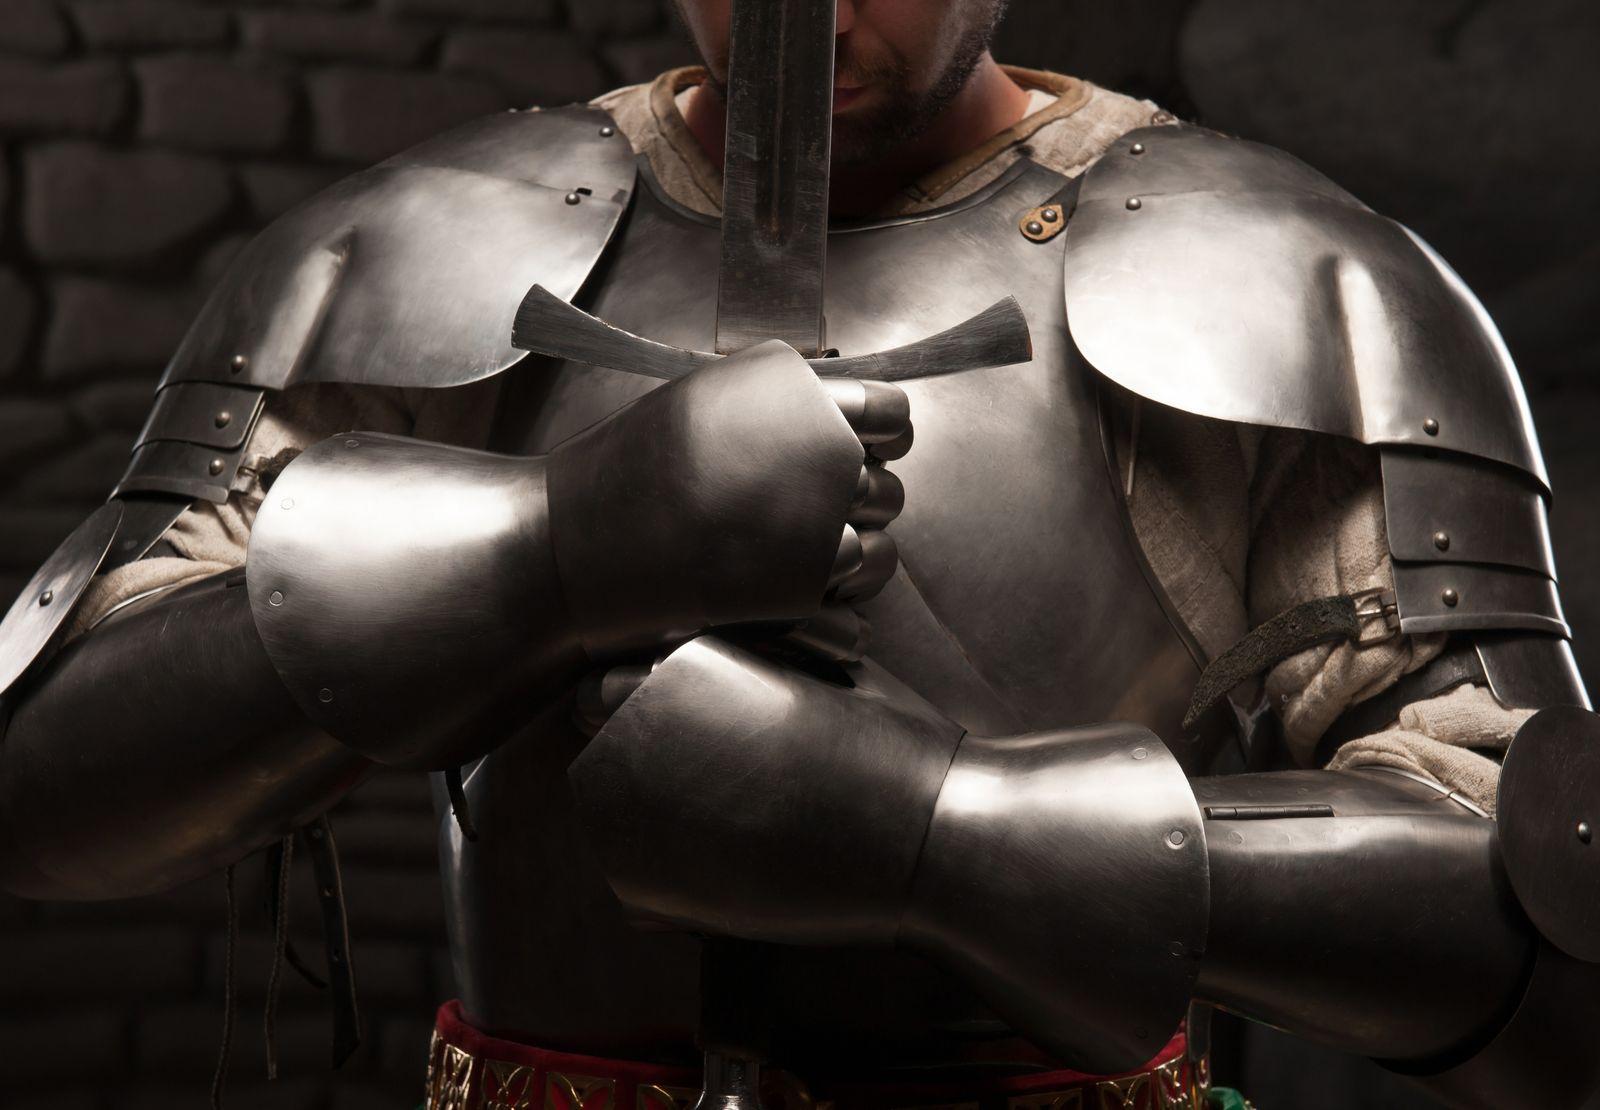 Bracia z Dobrzycy przelali krew w bitwie pod Grunwaldem? Czy ich historia wiąże się z herbem miasta? - Zdjęcie główne